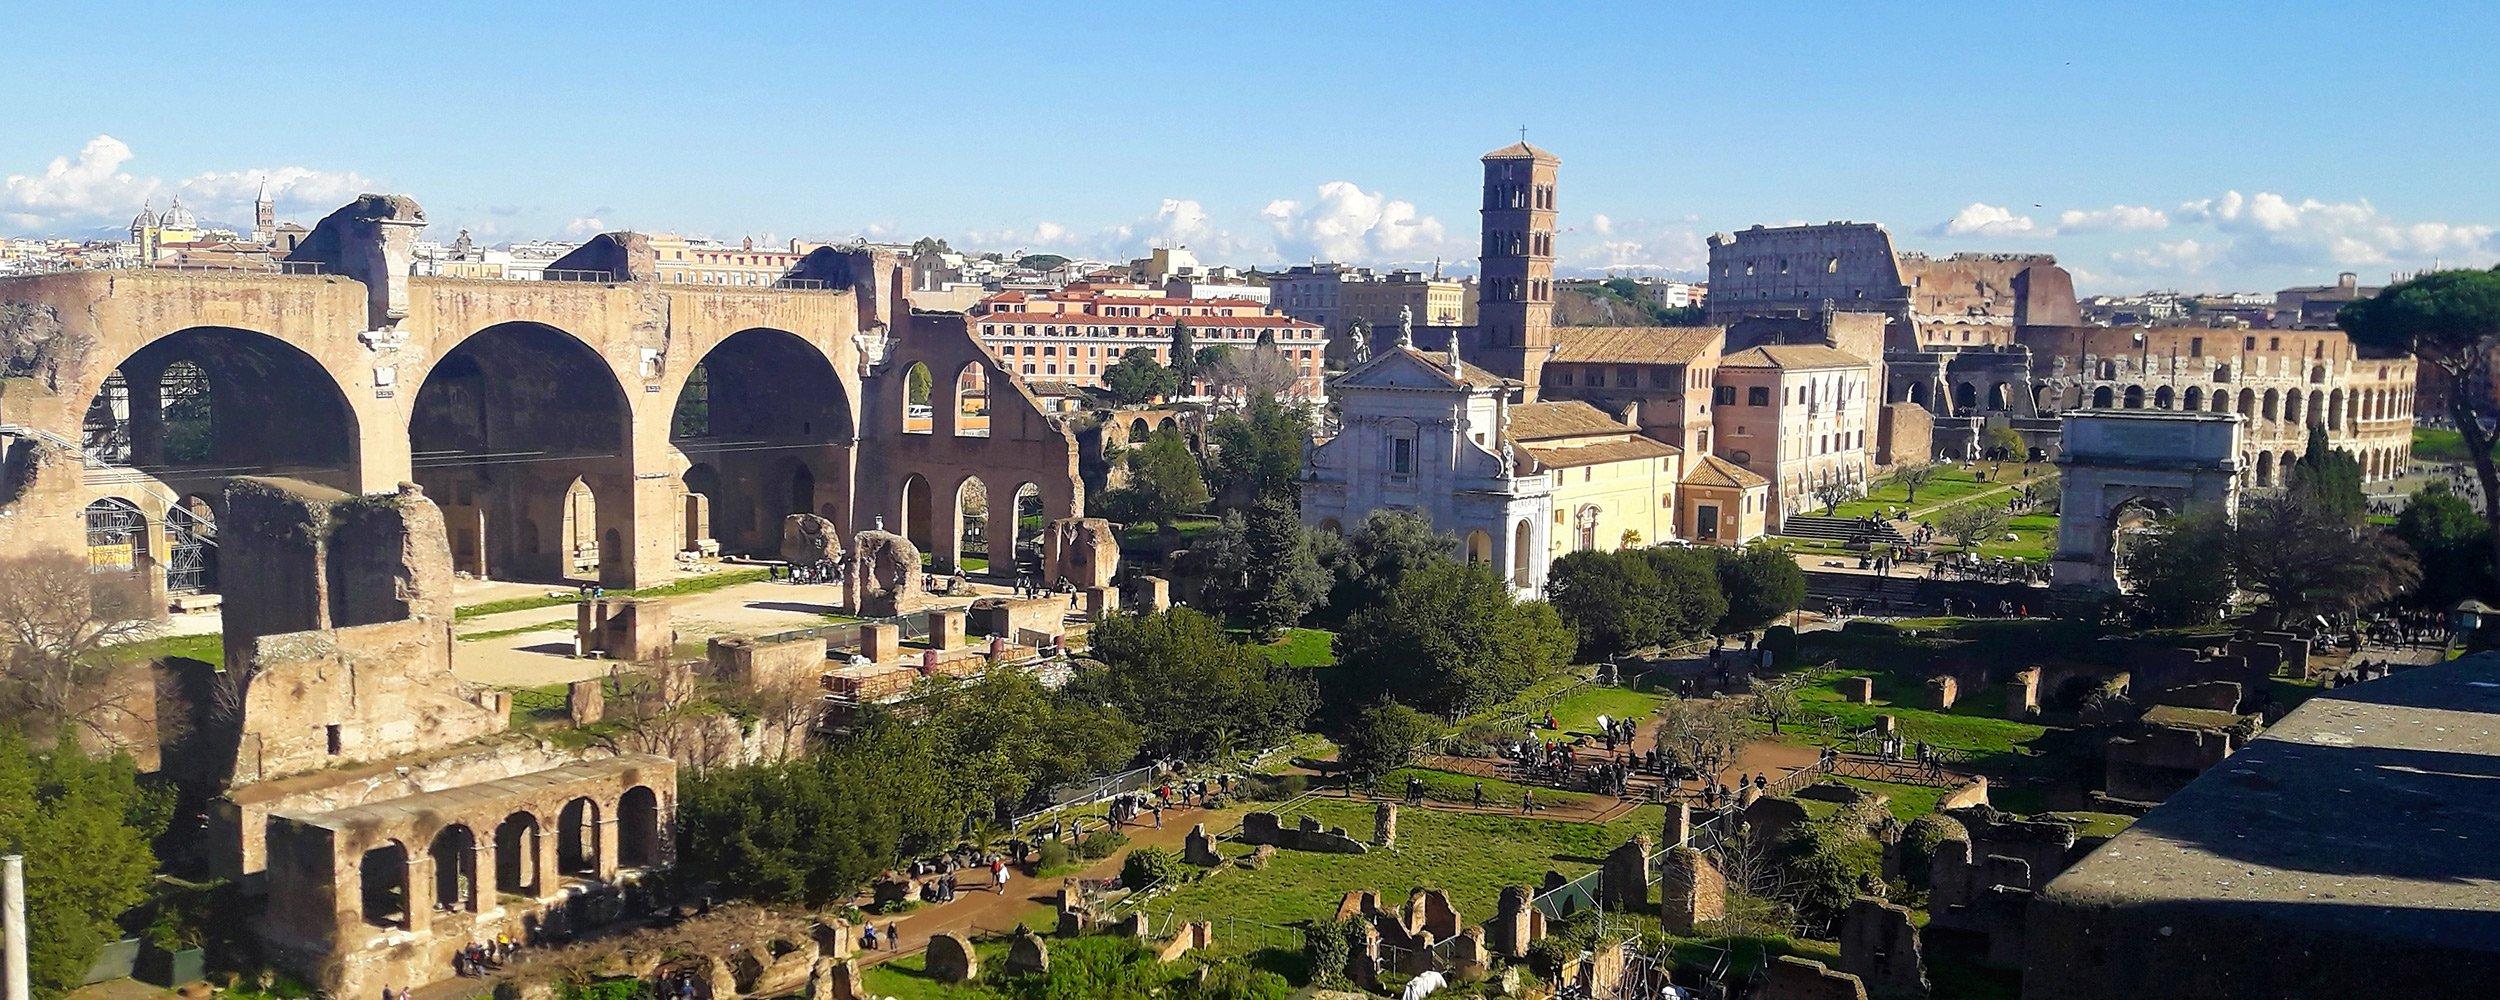 Visita Guidata al Colosseo Foro Romano e Palatino